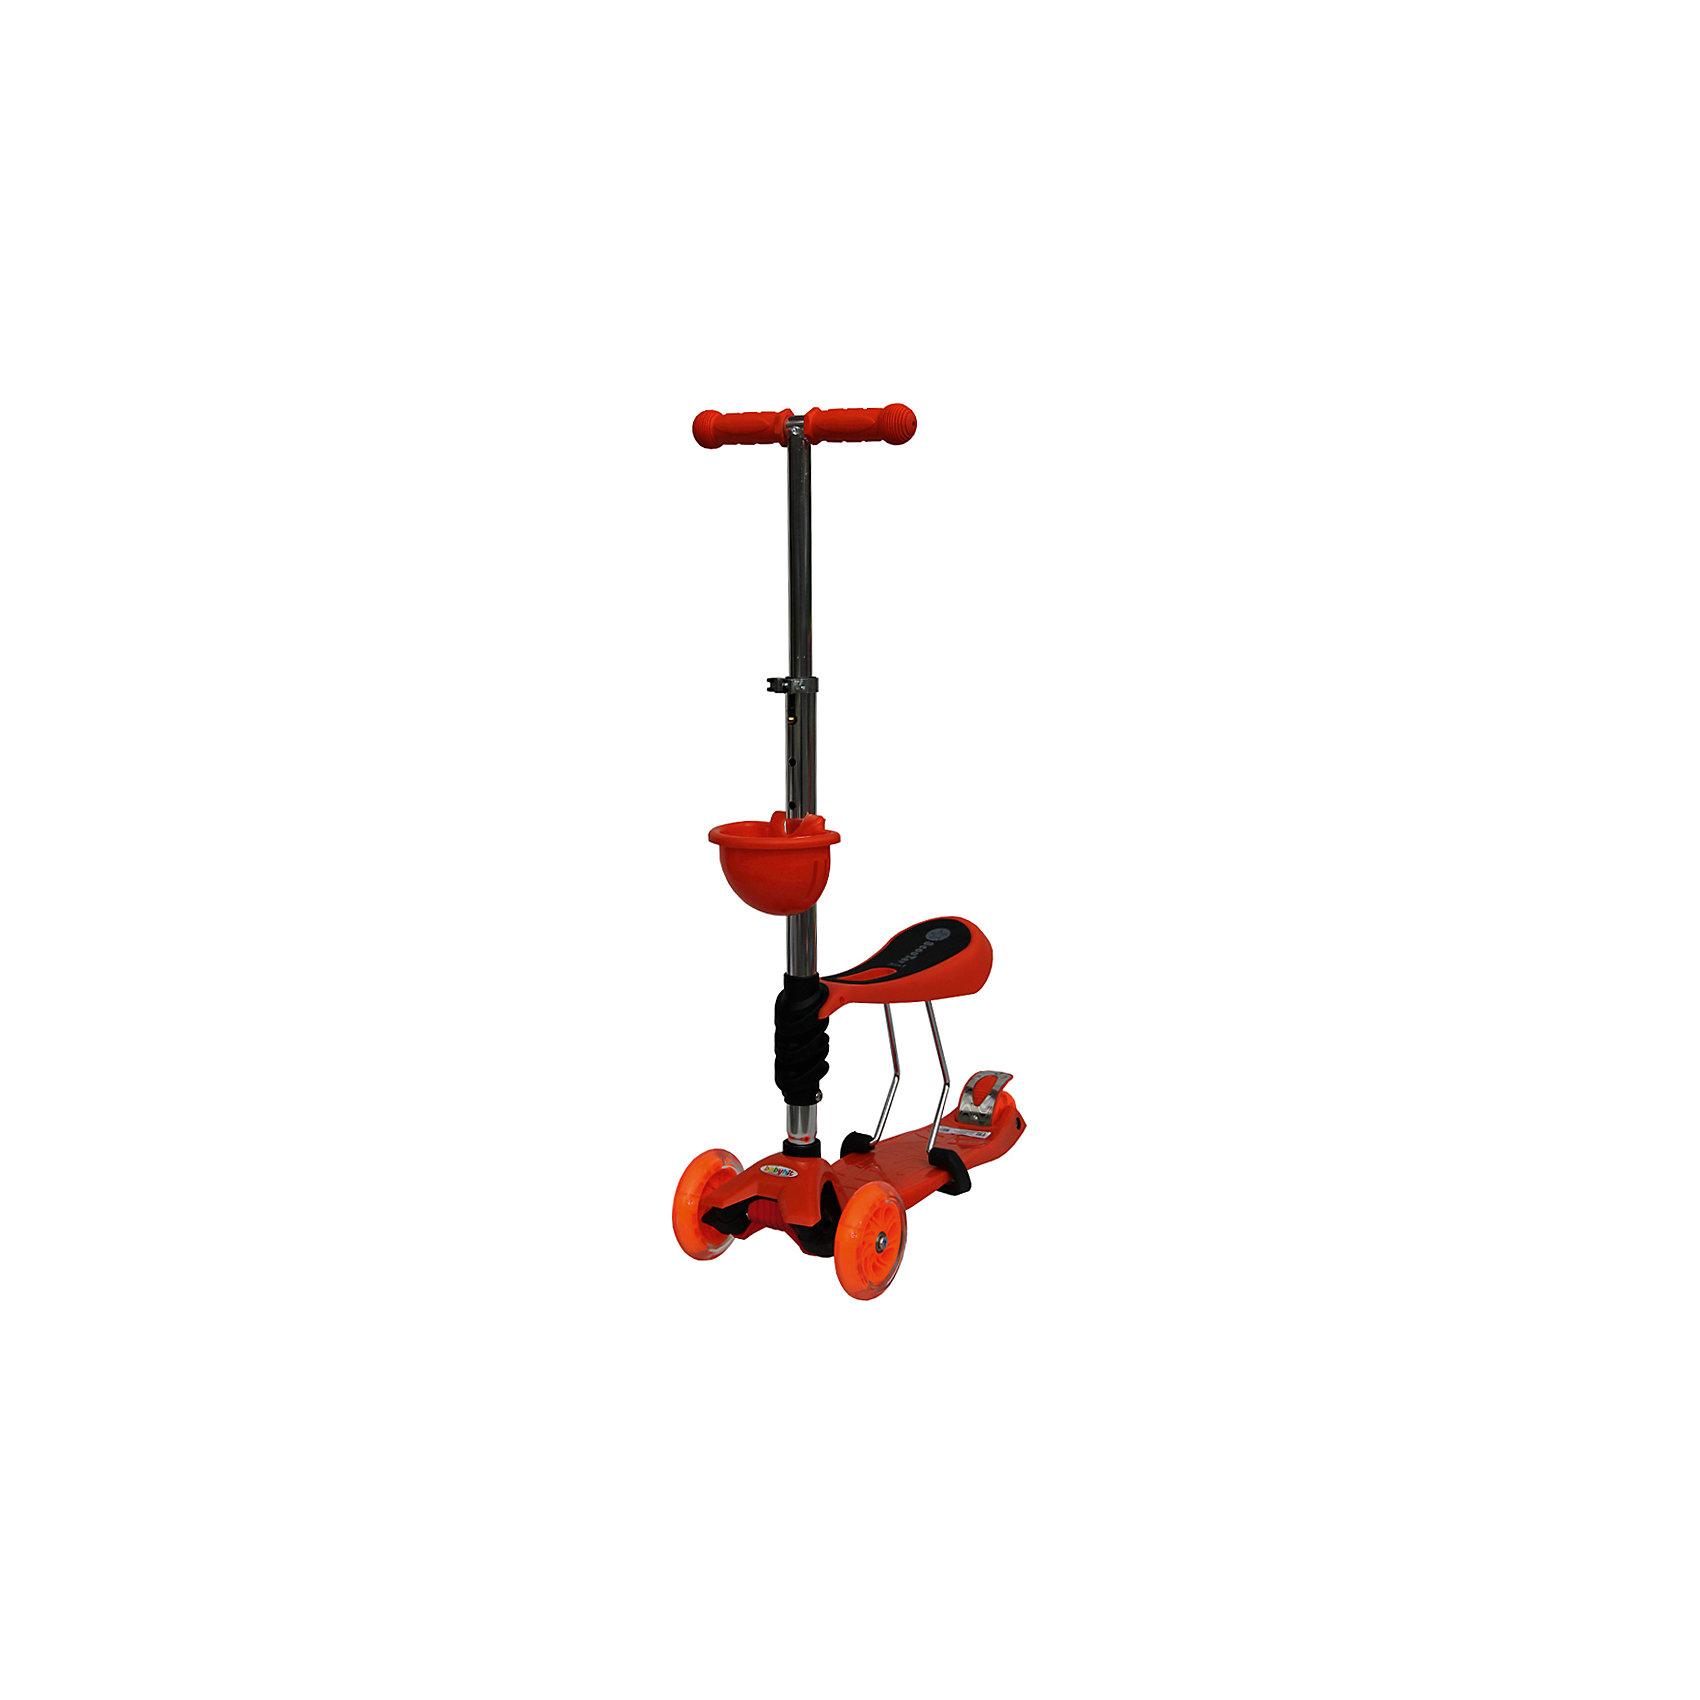 Самокат, оранжевый,  ScooterOK TolocarСамокаты<br>Характеристики товара:<br><br>• возраст от 3 лет;<br>• материал: пластик, металл;<br>• колёса со светодиодной подсветкой<br>• максимальная нагрузка до 50 кг;<br>• усиленная платформа<br>• материал колес: силикон;<br>• диаметр передних колес 12 см, заднего 8 см;<br>• высота руля 65-90 см;<br>• размер упаковки 60х28х14,5 см;<br>• вес упаковки 3,66 кг;<br>• страна производитель: Китай.<br><br>Самокат-толокар Babyhit ScooterOK Tolocar оранжевый — оригинальный самокат с сидением. Для малыша, который еще не освоил самокат, его можно использовать с сидением. Таким образом малыш учится кататься, отталкиваясь ножками от земли. Такой самокат удобен, если в семье 2 ребенка. Ребенок постарше может кататься на обычном самокате, сняв сидение. А младший будет учиться ездить, сидя на сидении. <br><br>Руль с накладками регулируется под рост детей. 2 передних колеса делают самокат устойчивым. Спереди на рулевую стойку крепится корзинка для мелочей или игрушек. Колеса оснащены светодиодной подсветкой, которая горит во время движения.<br><br>Самокат-толокар Babyhit ScooterOK Tolocar оранжевый можно приобрести в нашем интернет-магазине.<br><br>Ширина мм: 600<br>Глубина мм: 145<br>Высота мм: 280<br>Вес г: 3660<br>Цвет: оранжевый<br>Возраст от месяцев: 24<br>Возраст до месяцев: 2147483647<br>Пол: Унисекс<br>Возраст: Детский<br>SKU: 5614425